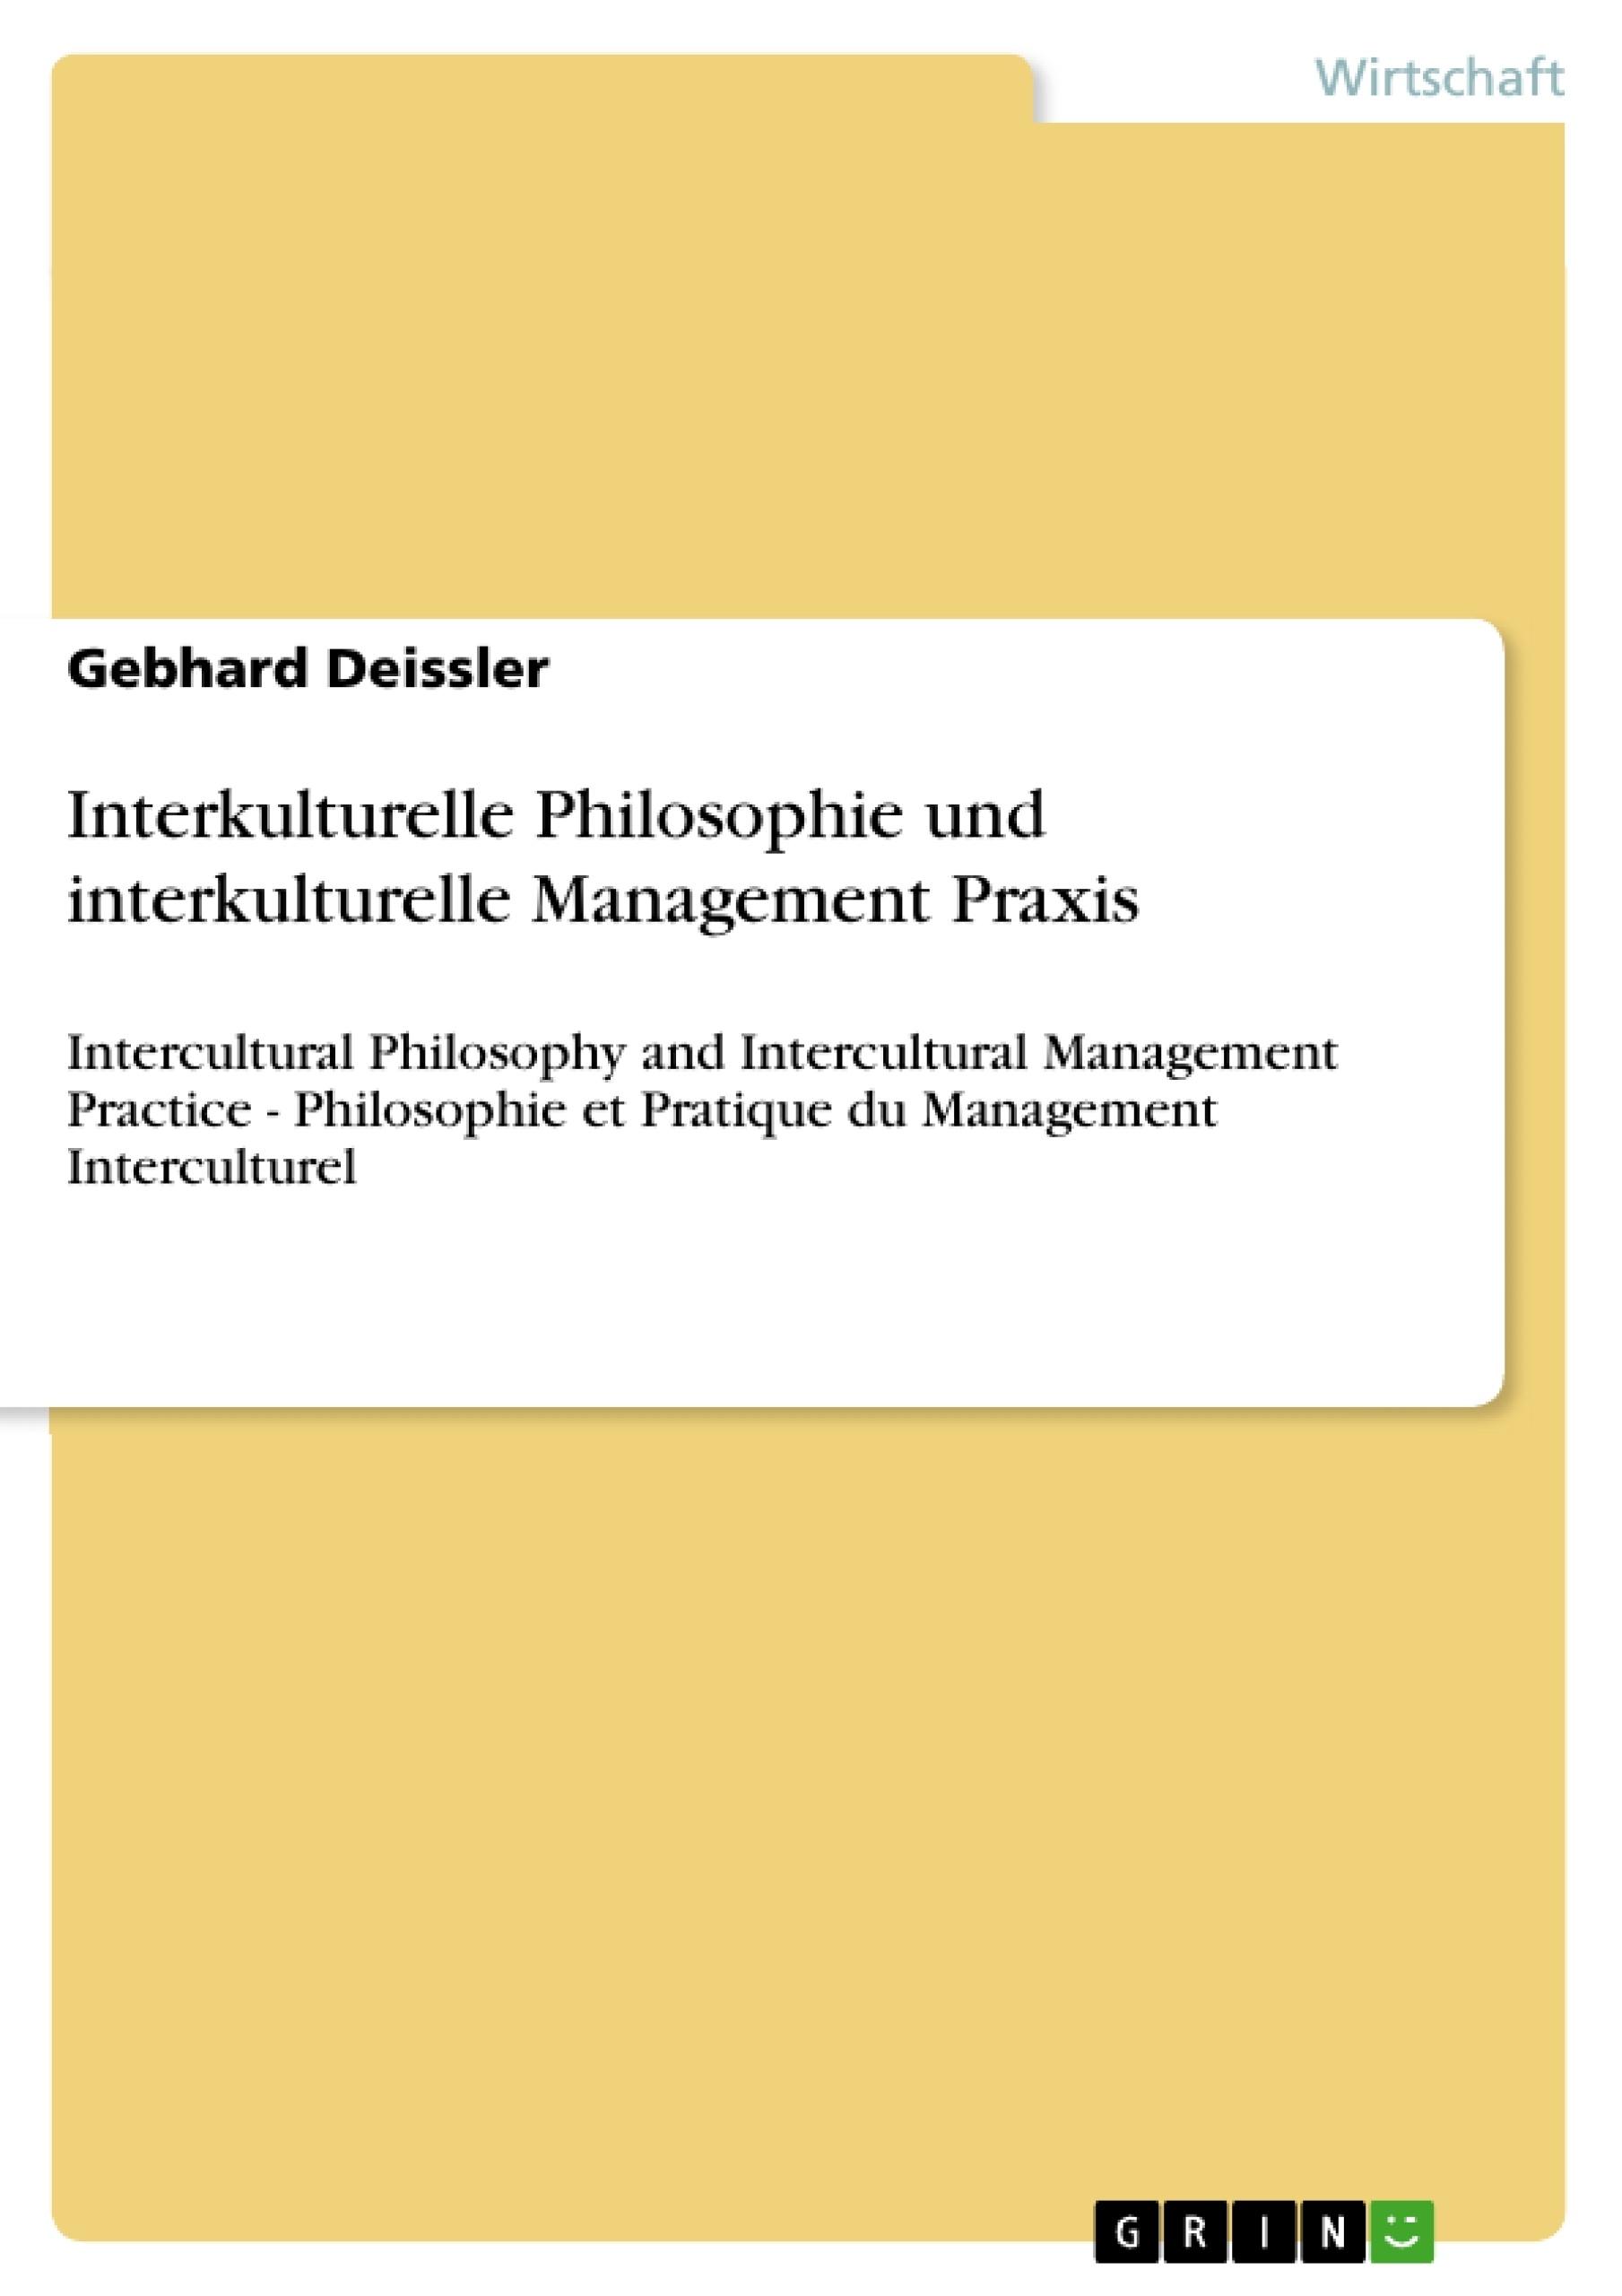 Titel: Interkulturelle Philosophie und interkulturelle Management Praxis